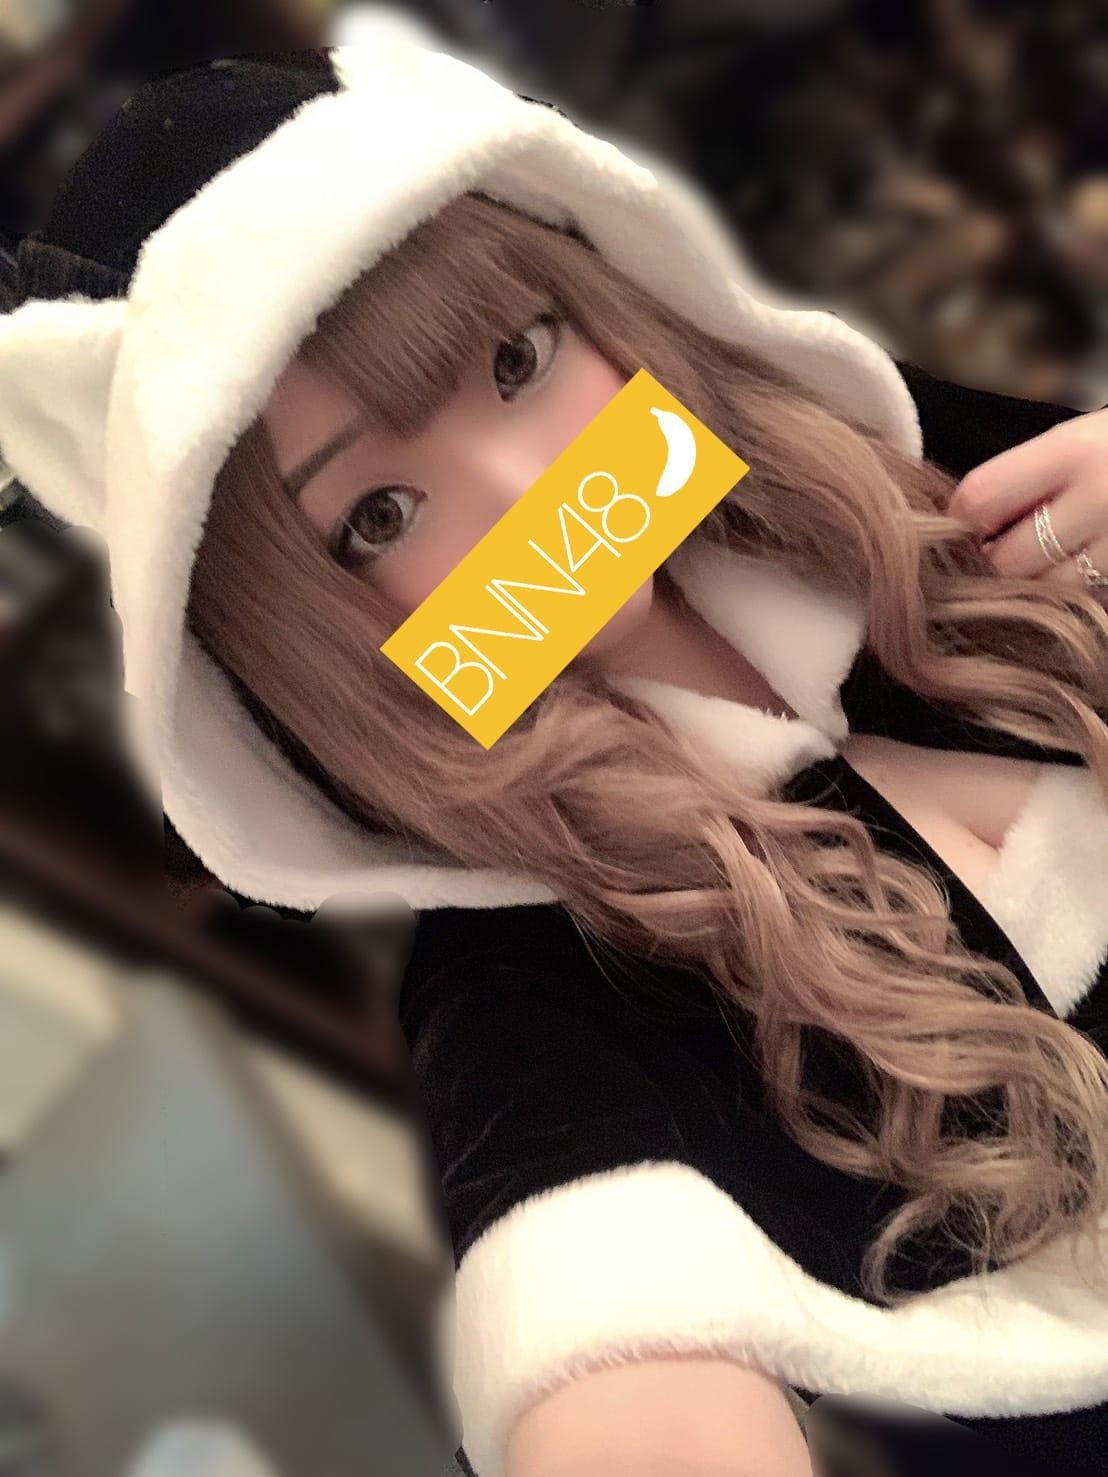 れな『アイドル級ルックス』(60分9000円から遊べる!10代20代専門店BNN48(バナナフォーティーエイト))のプロフ写真2枚目